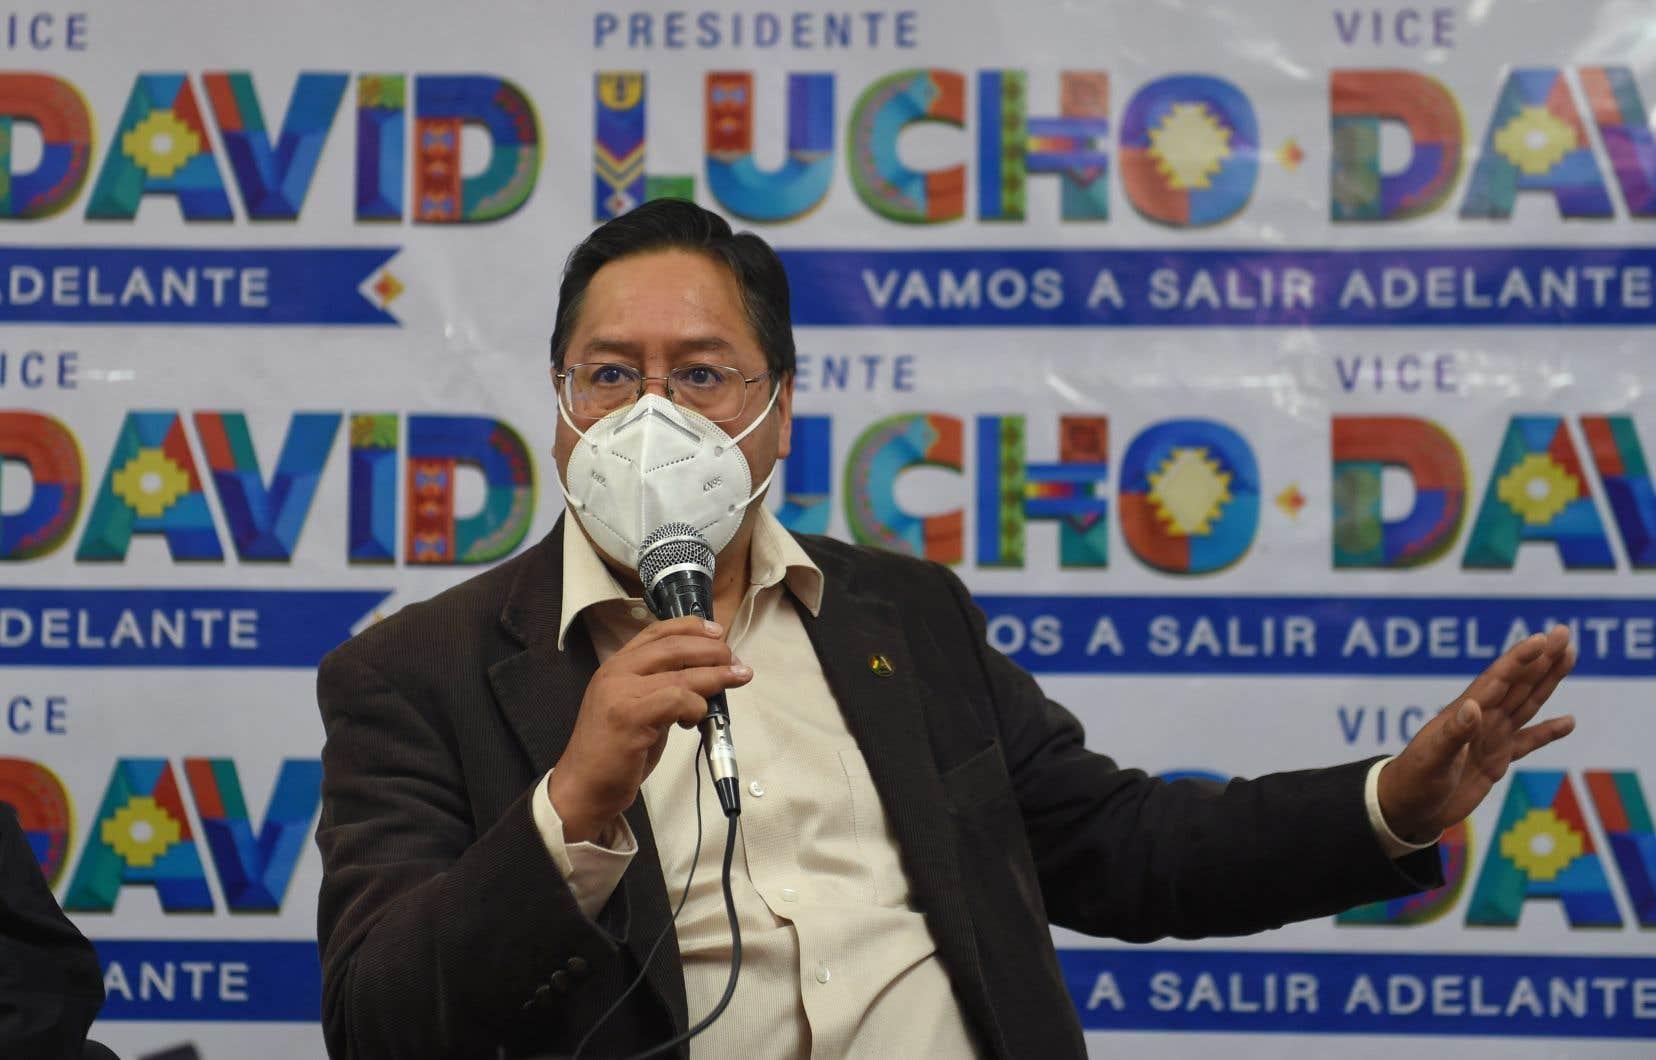 Le candidat Luis Arce, du Mouvement vers le socialisme, mène actuellement dans les sondages.